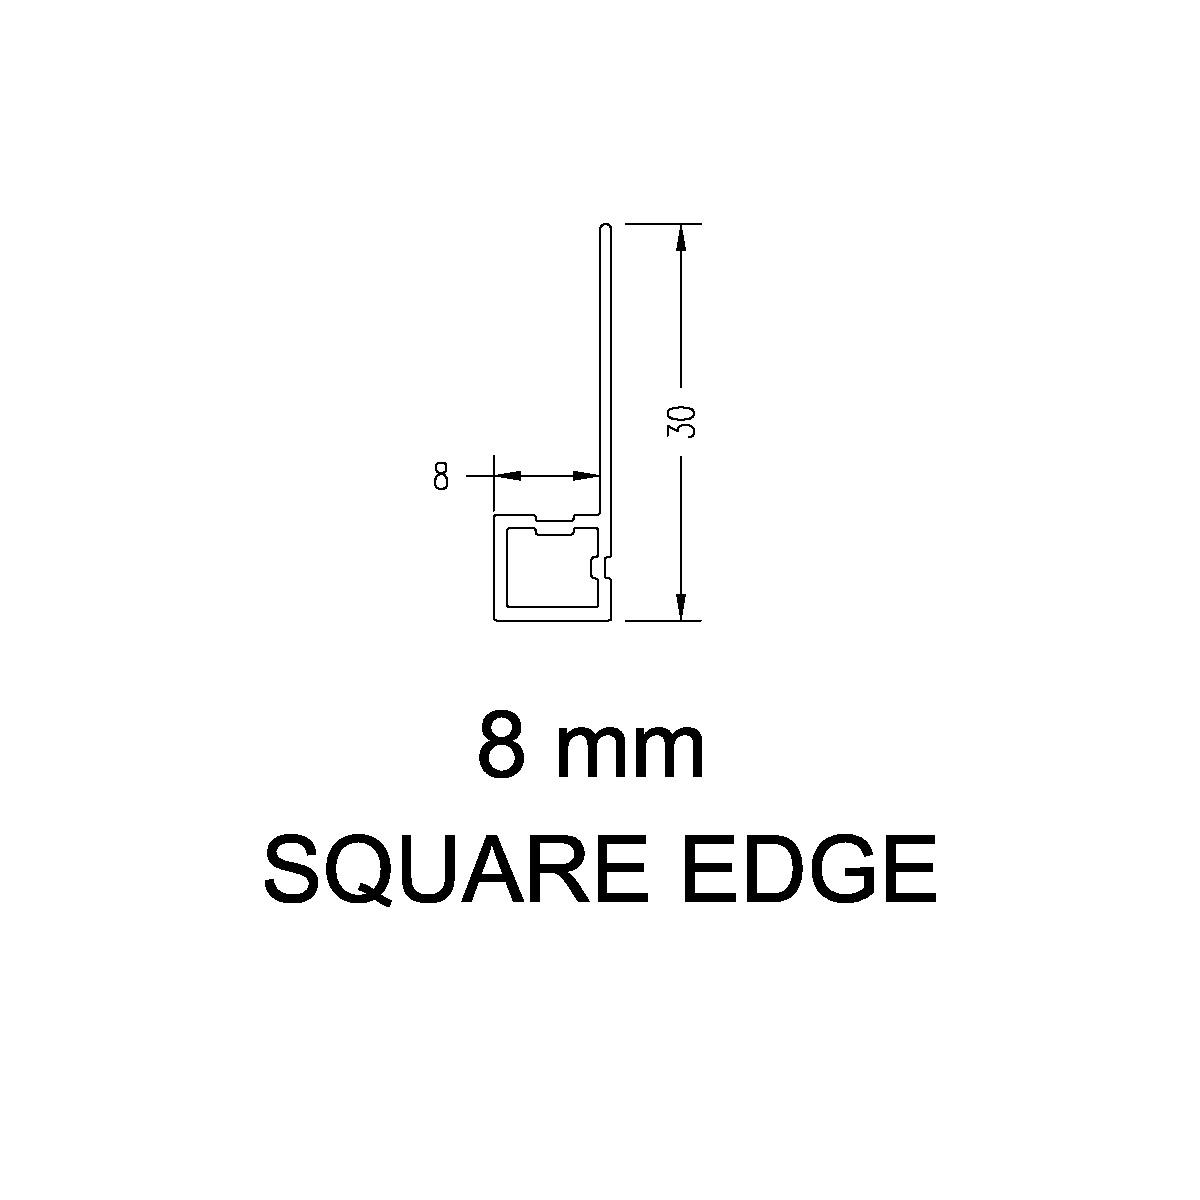 SQUEDGE – 8mm